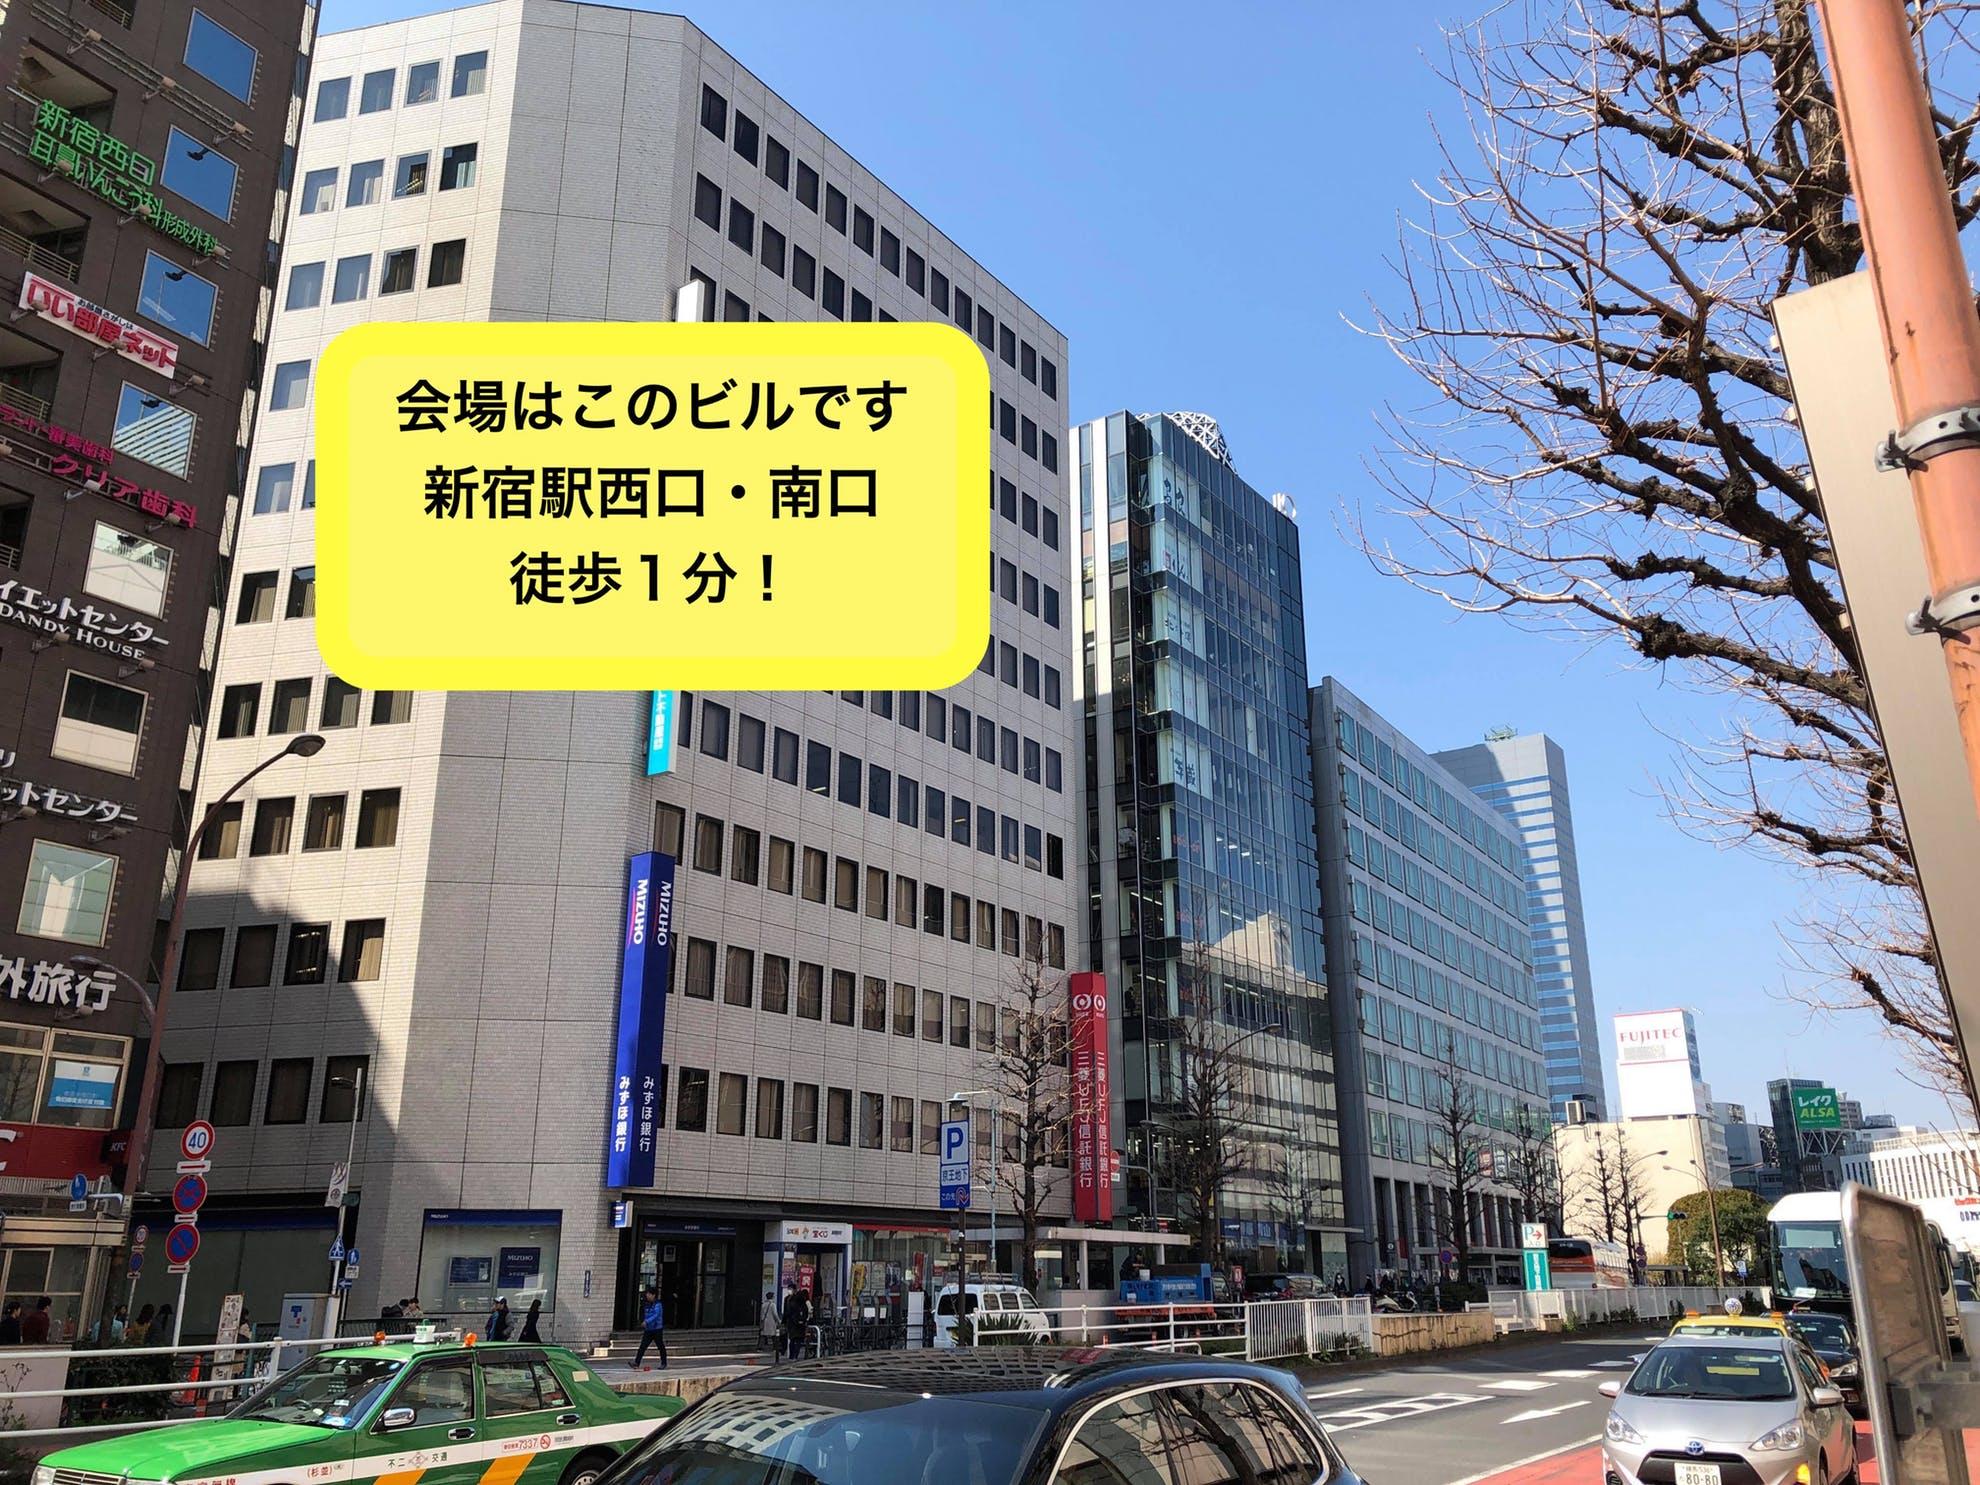 11/19ニーズマッチ・ラーニング支部 第23回月例会